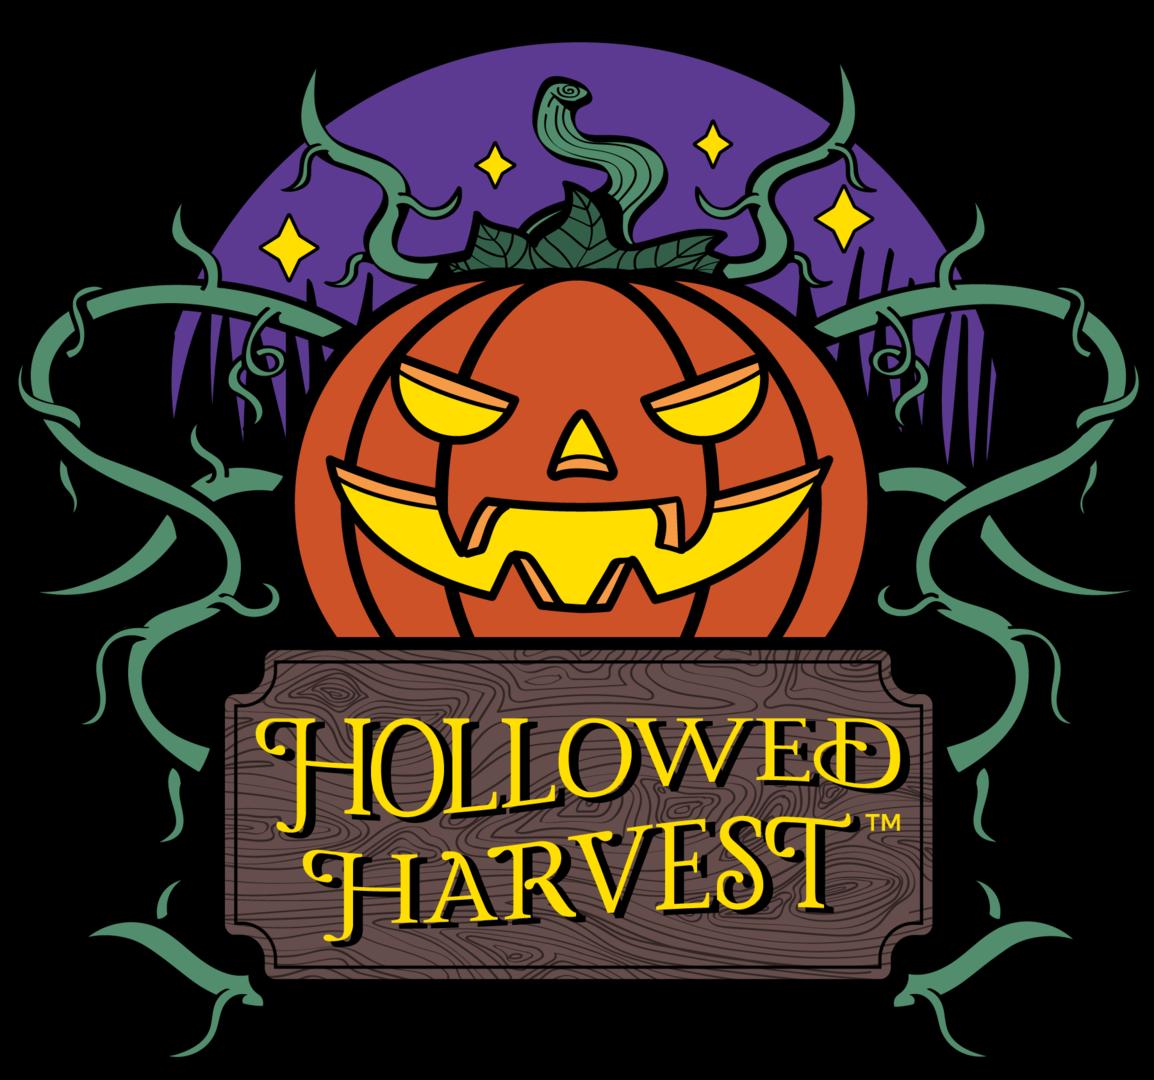 Hollowed Harvest